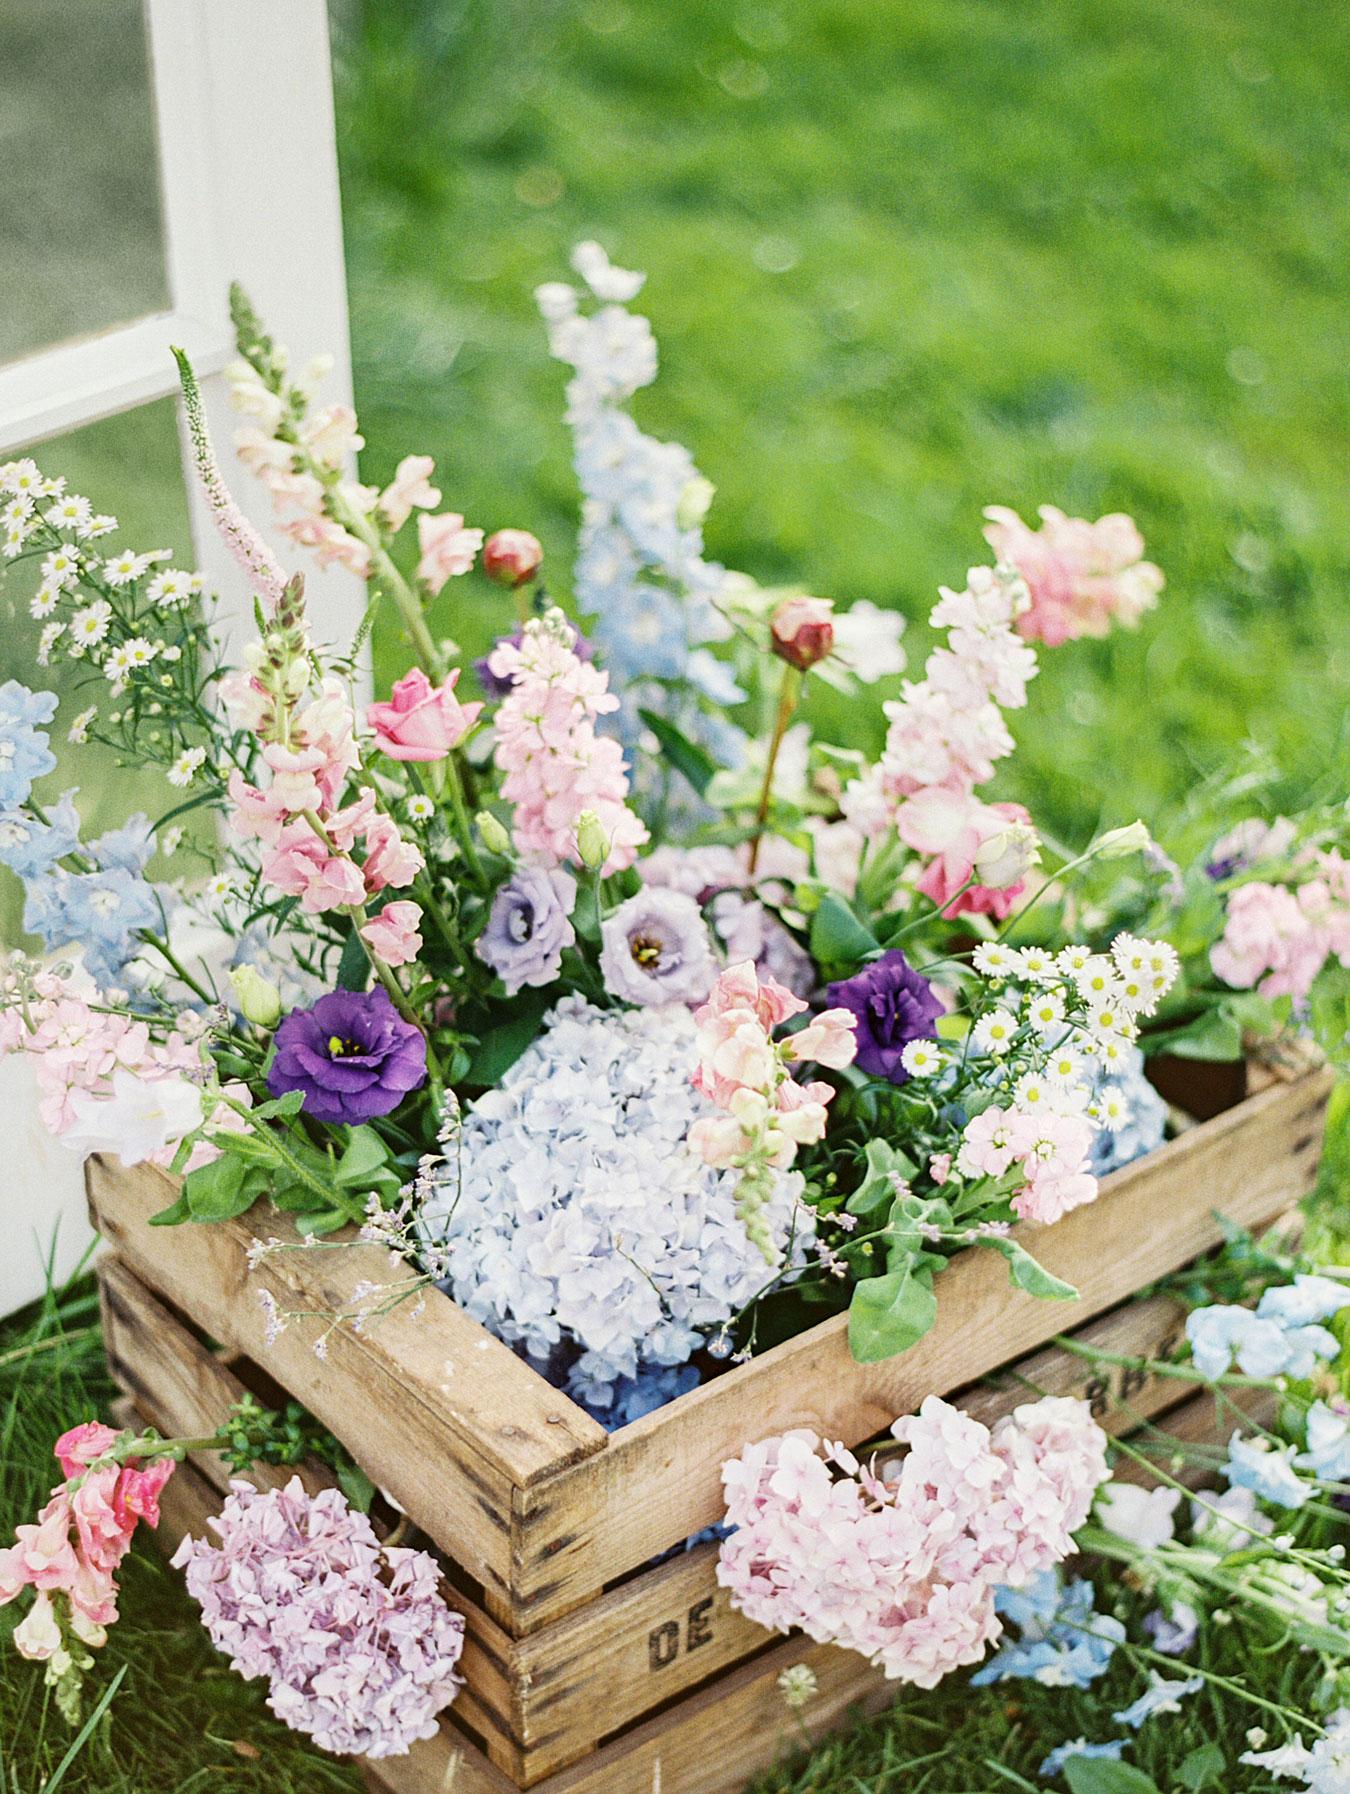 40 easy floral arrangement ideas creative diy flower arrangements dhlflorist Image collections